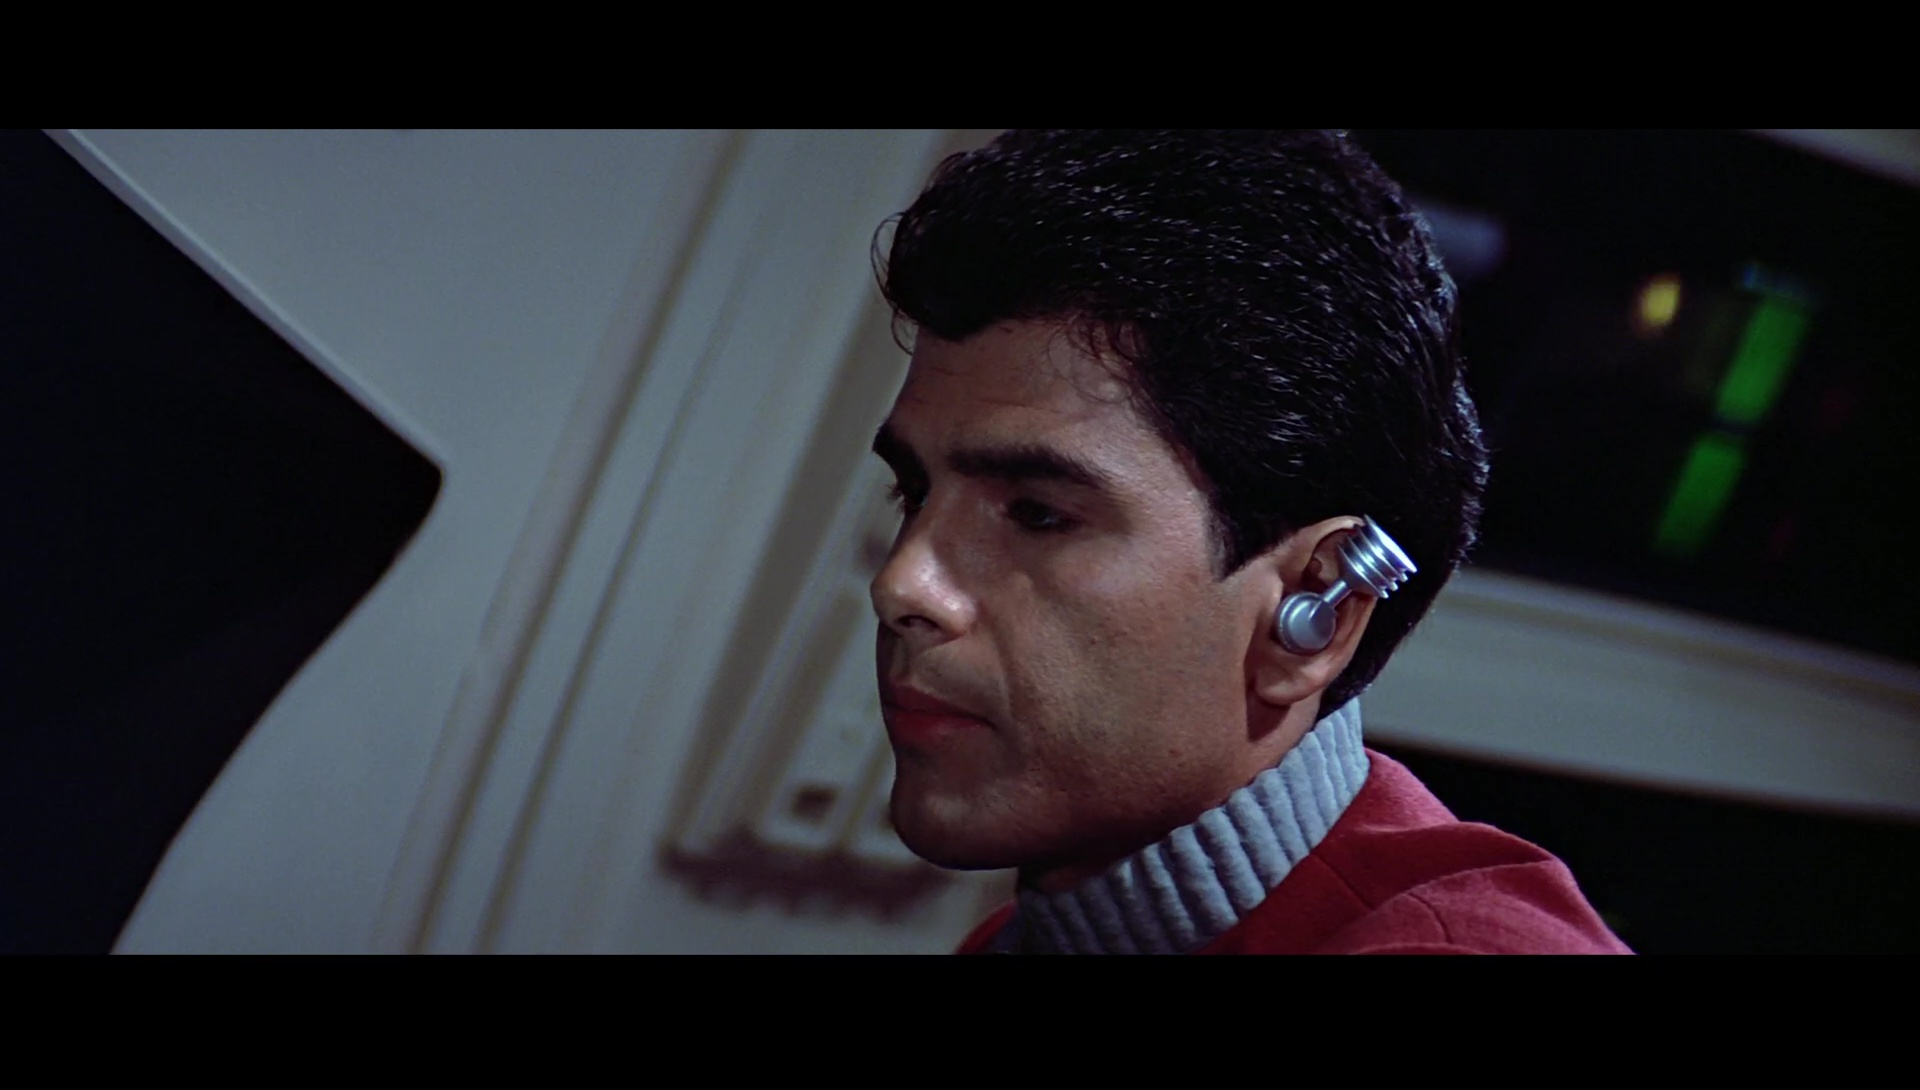 Viaje A Las Estrellas 3 1080p Lat-Cast-Ing 5.1 (1984)